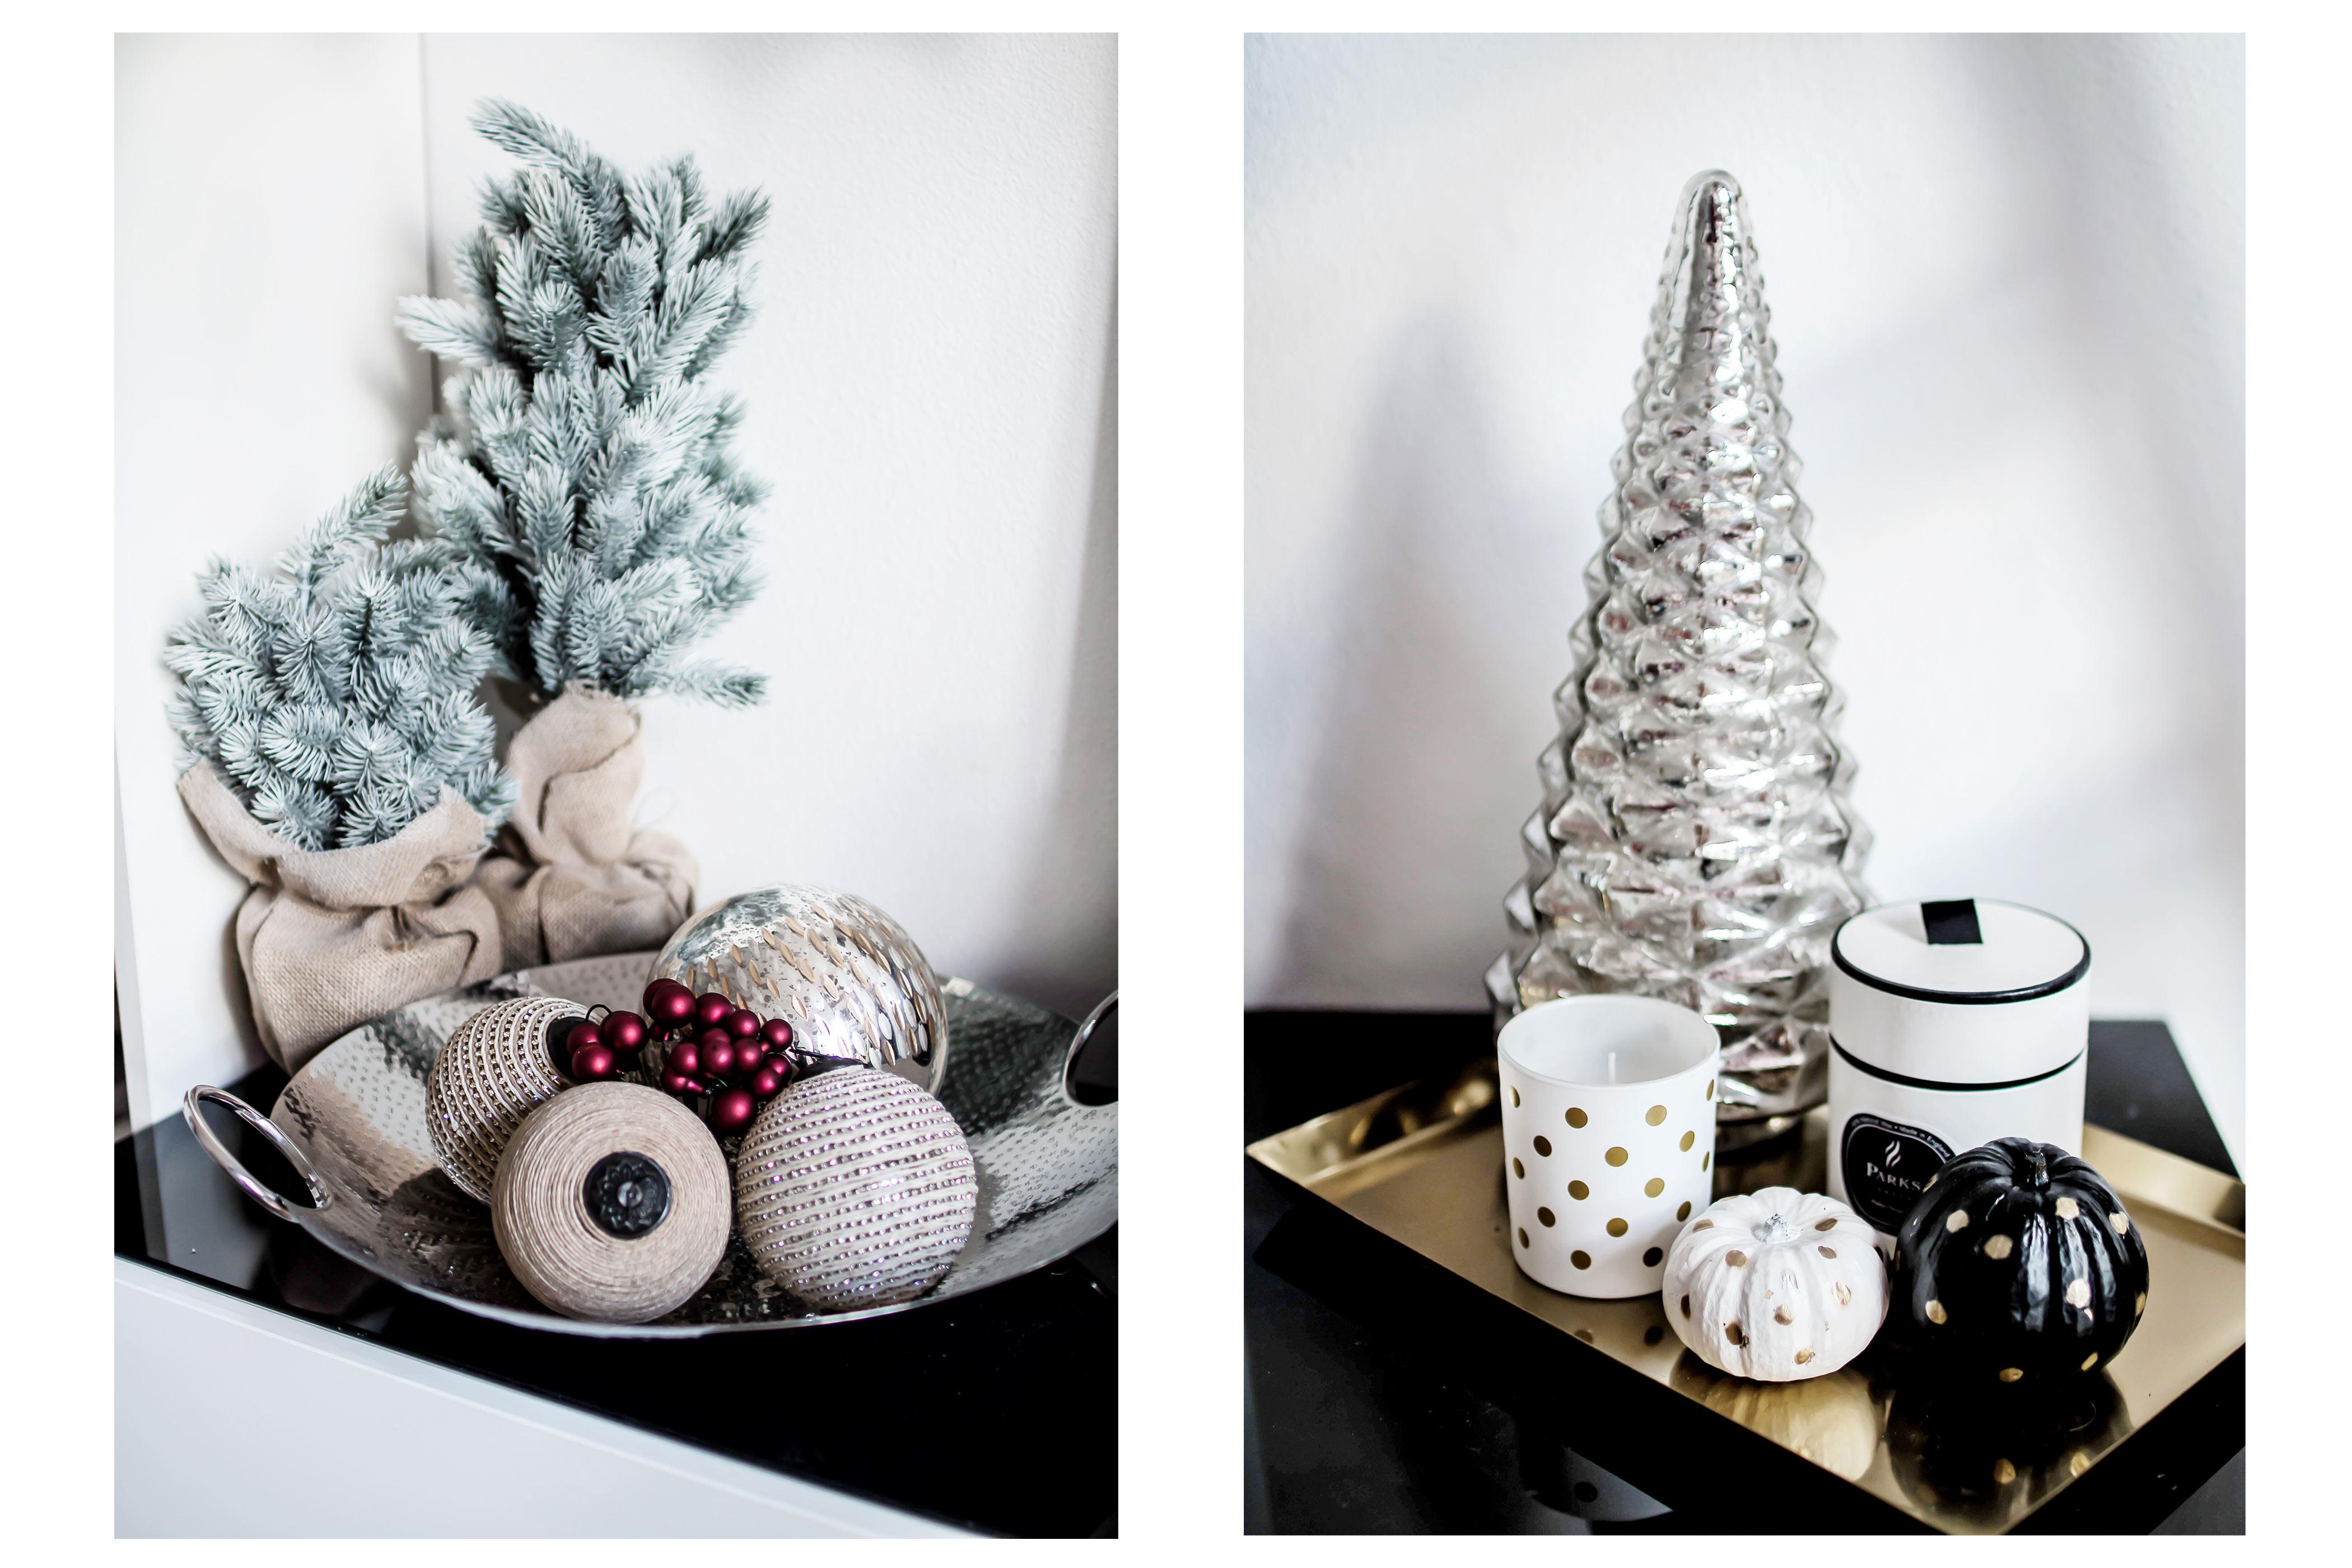 tchibo_weihnachten_dekoration_inspiration_diy_zukkermer